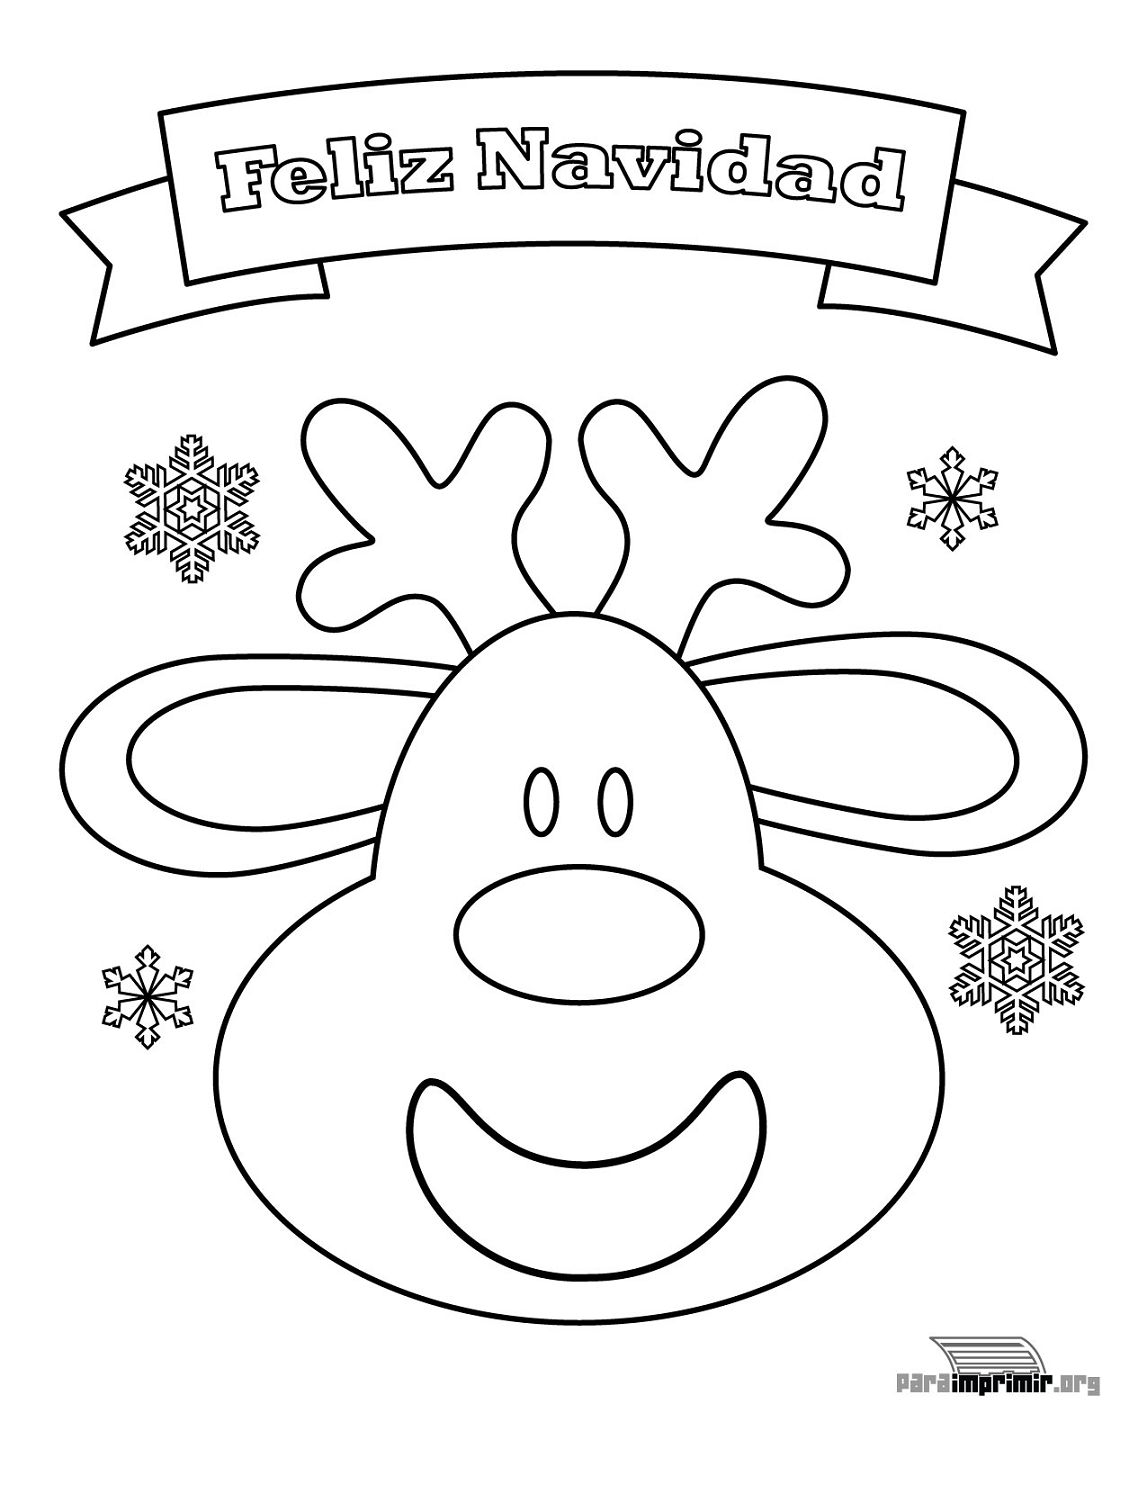 Dibujos de navidad para colorear - Dibujos de navidad para colorear gratis ...